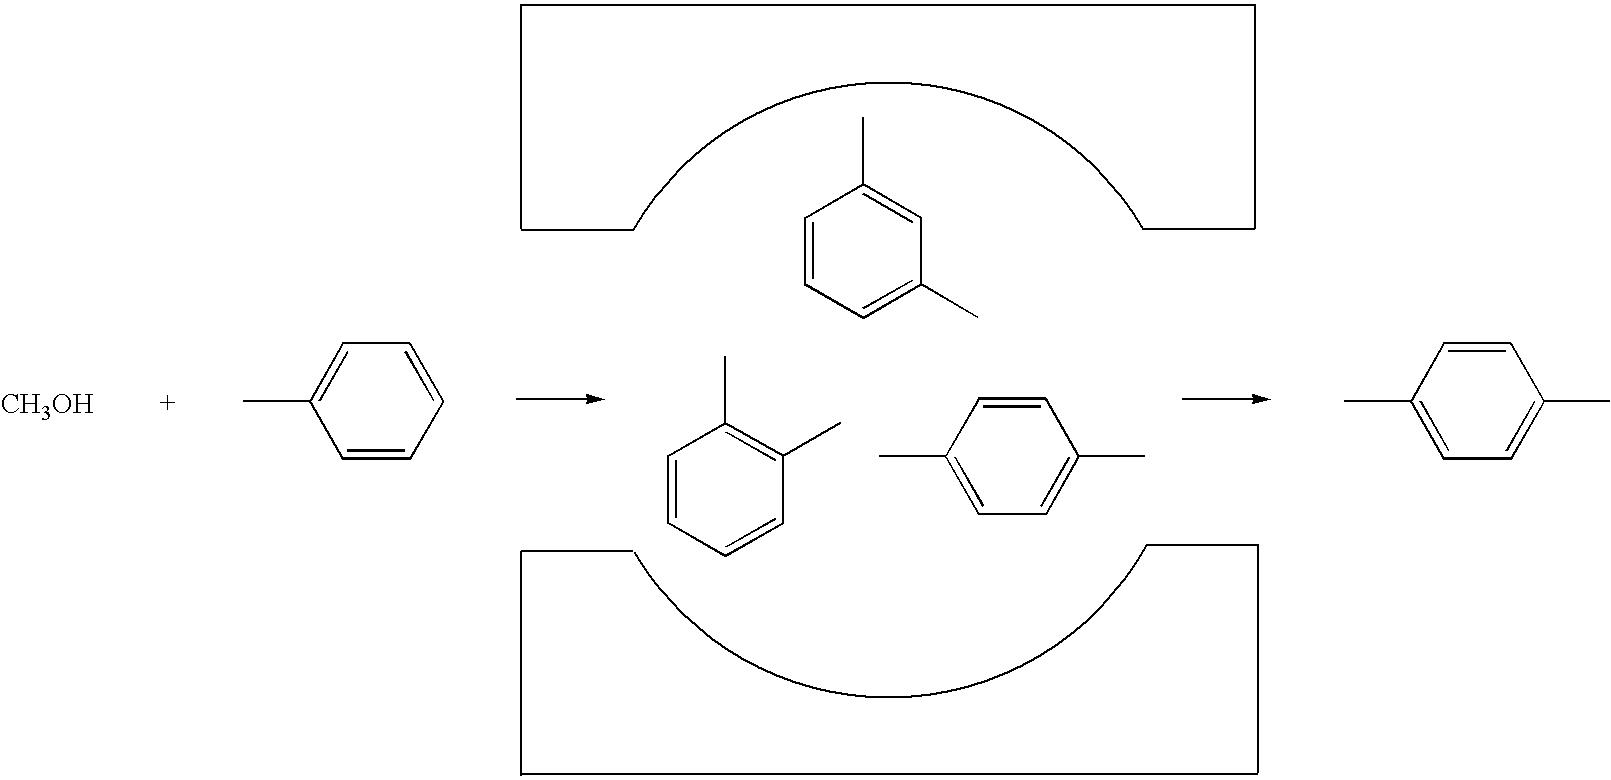 Figure US20090253949A1-20091008-C00001